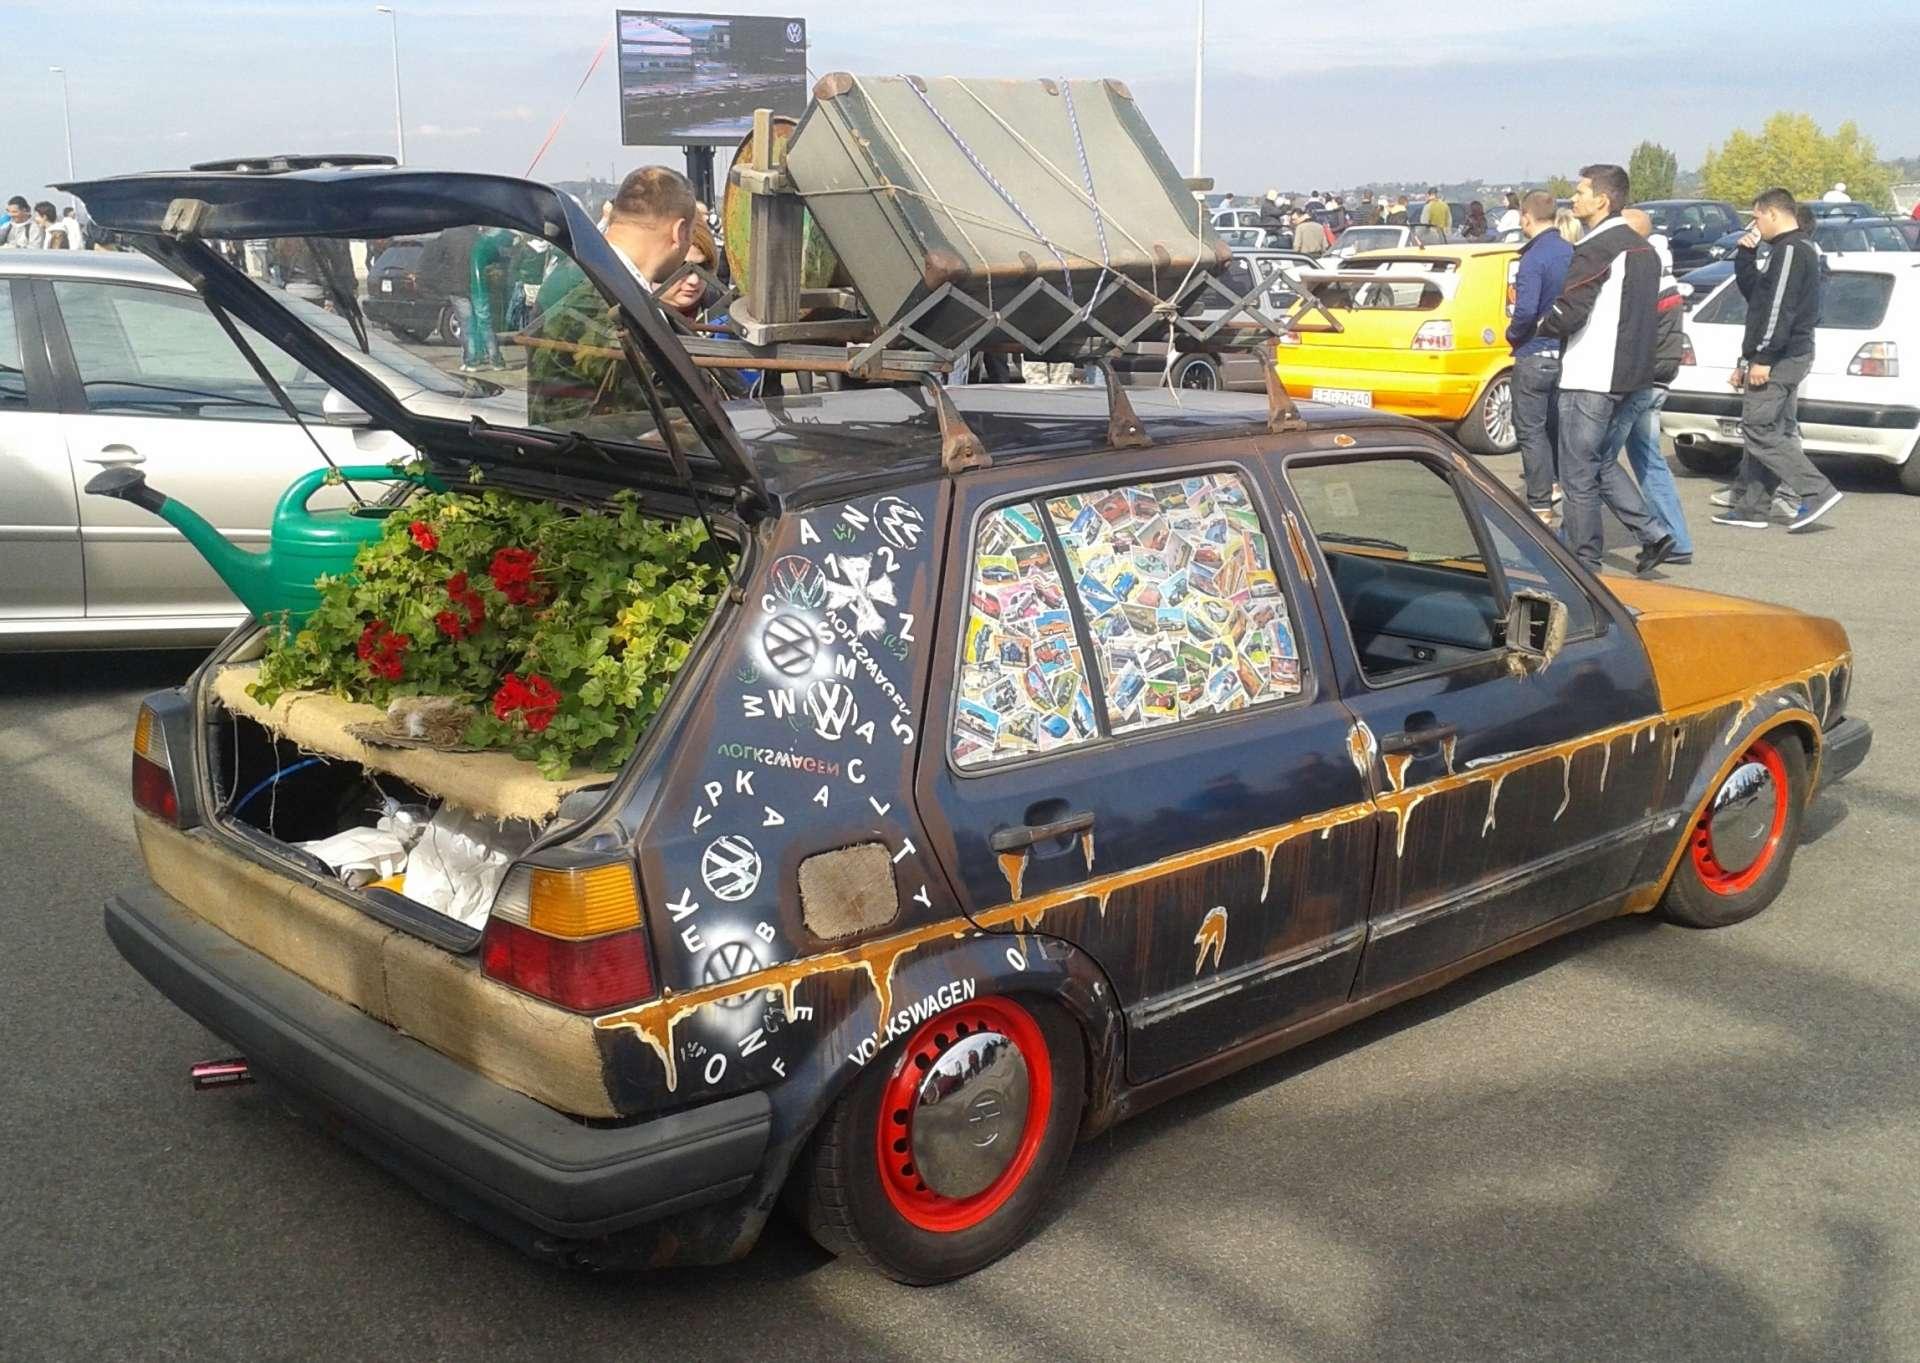 Volkswagen Golf Mk2 Rat Look Used Daewoo Cars